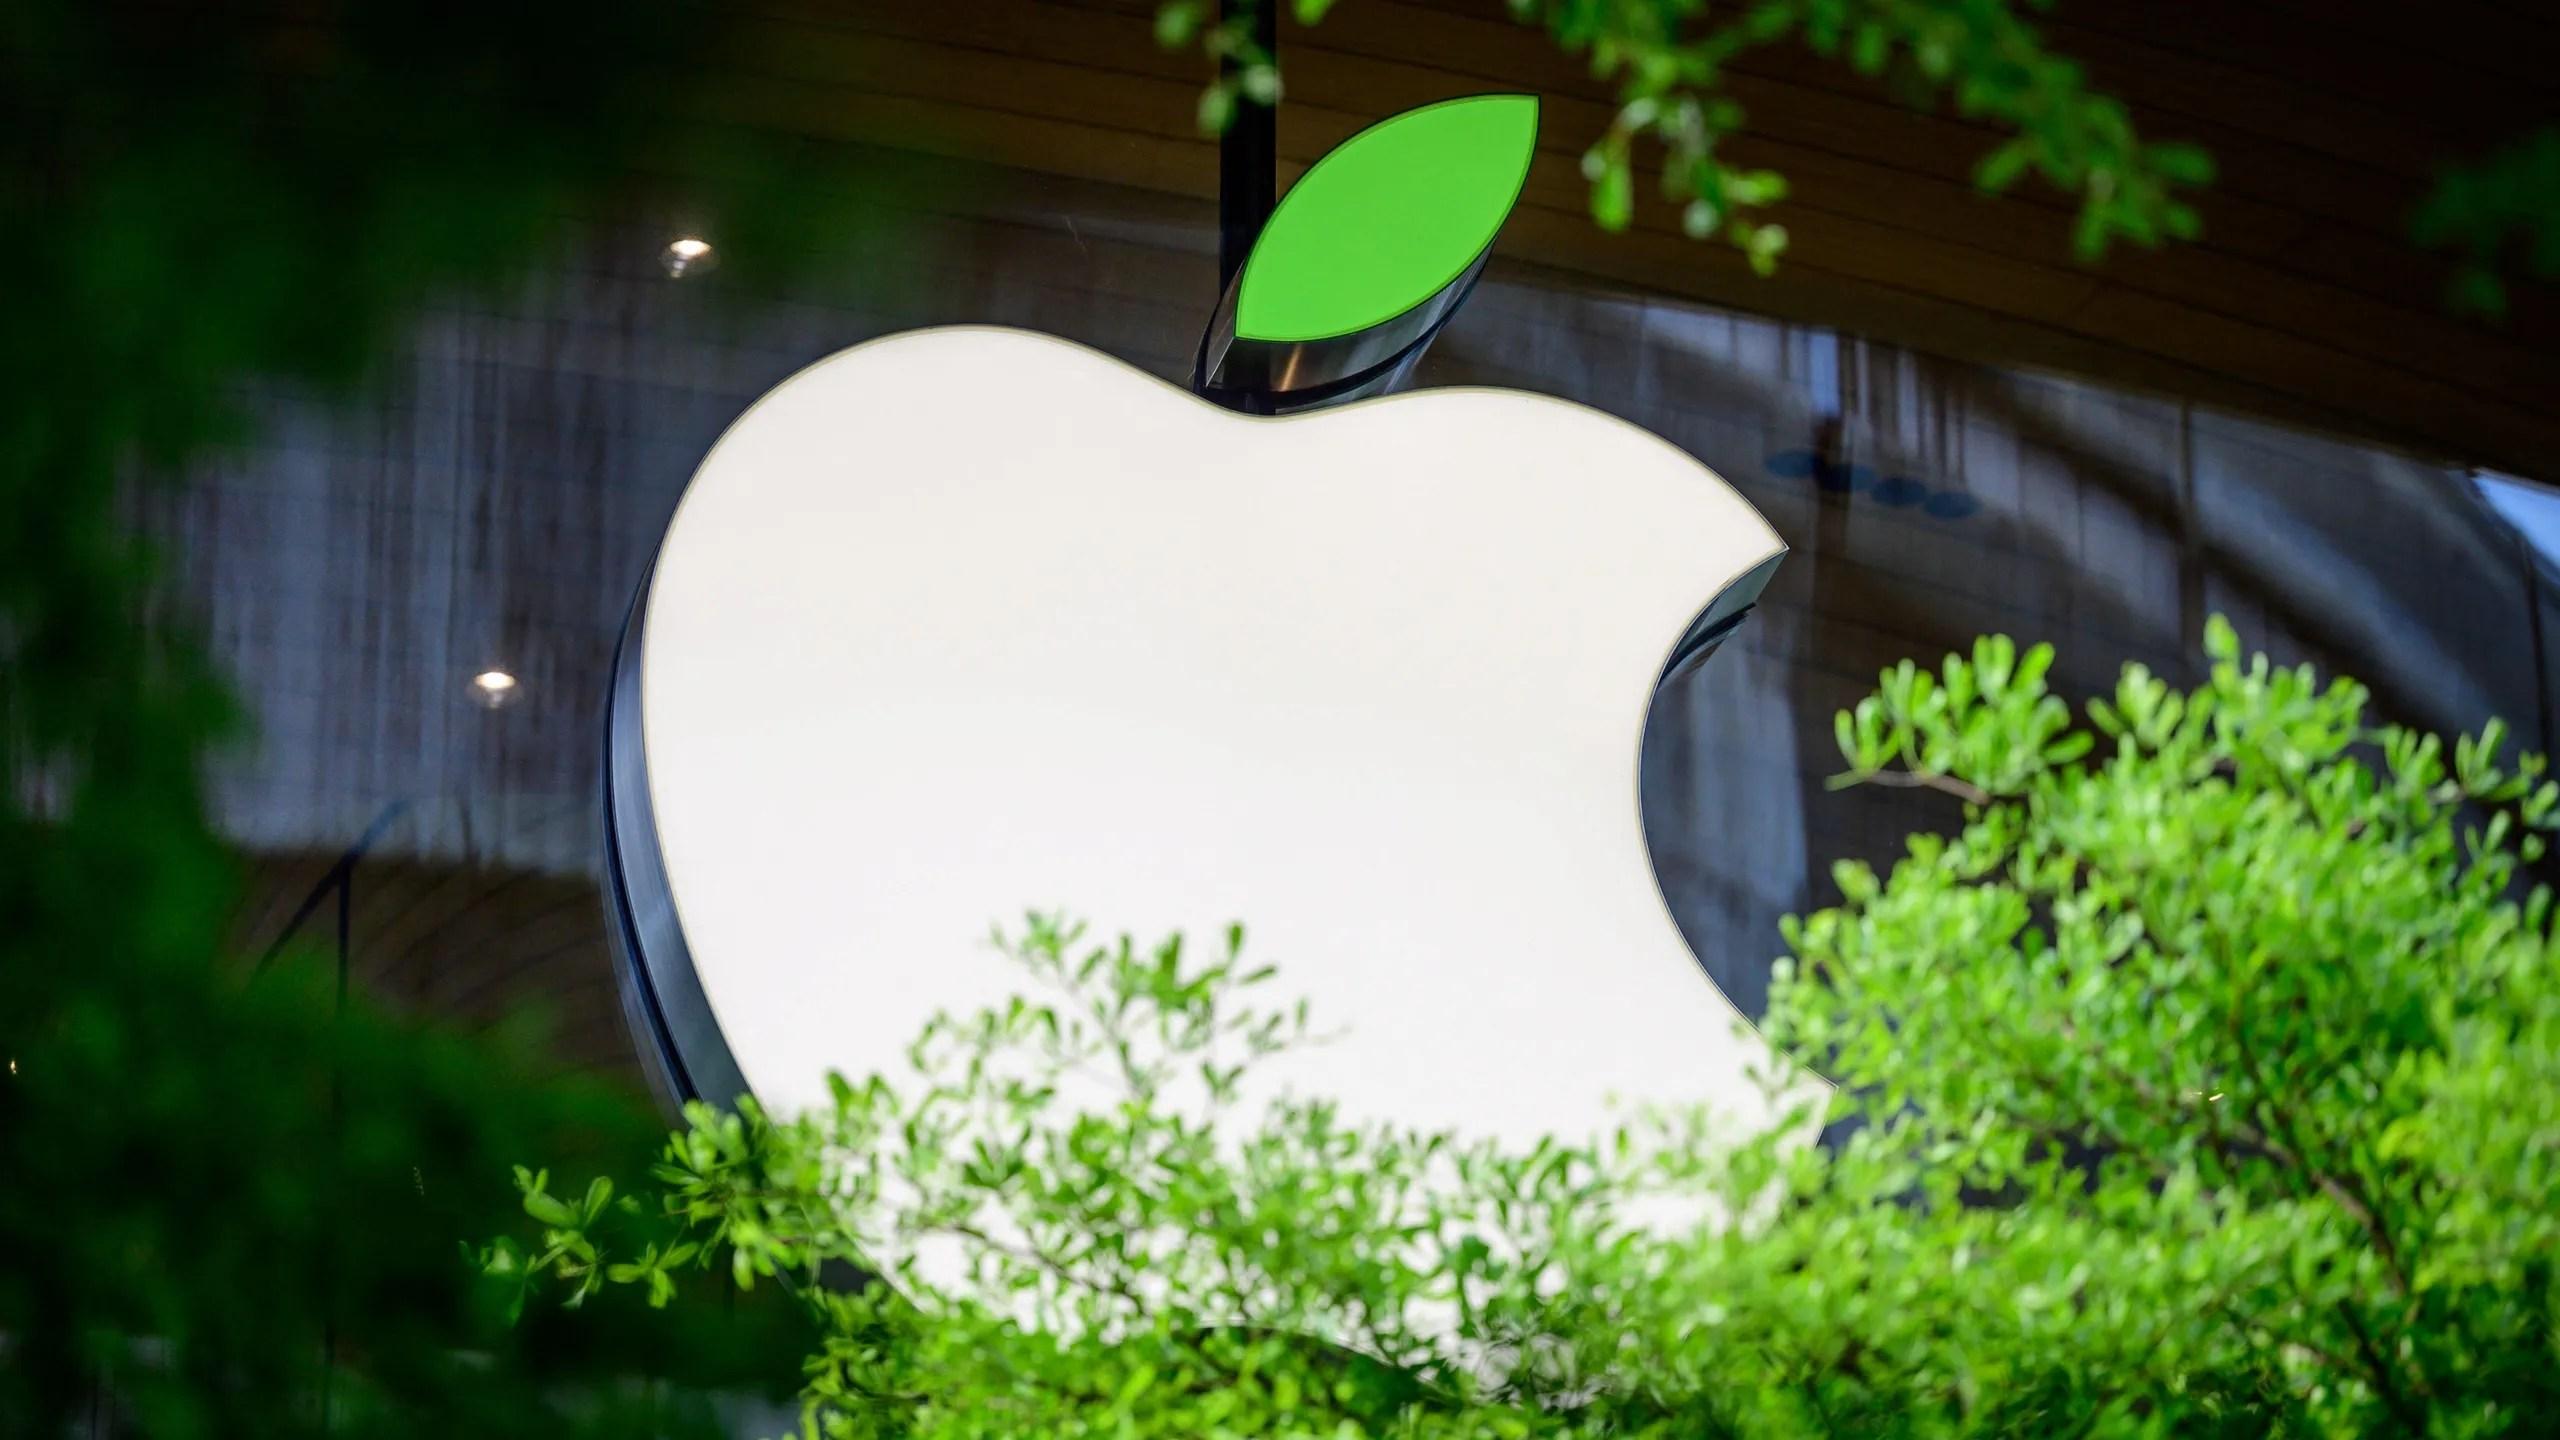 Erlebe die neueste apple keynote im stream und sieh dir das archiv der special event ankündigungen für unsere produkte und services an. Apple So Sind Sie Live Bei Der Ersten Keynote 2021 Dabei Gq Germany